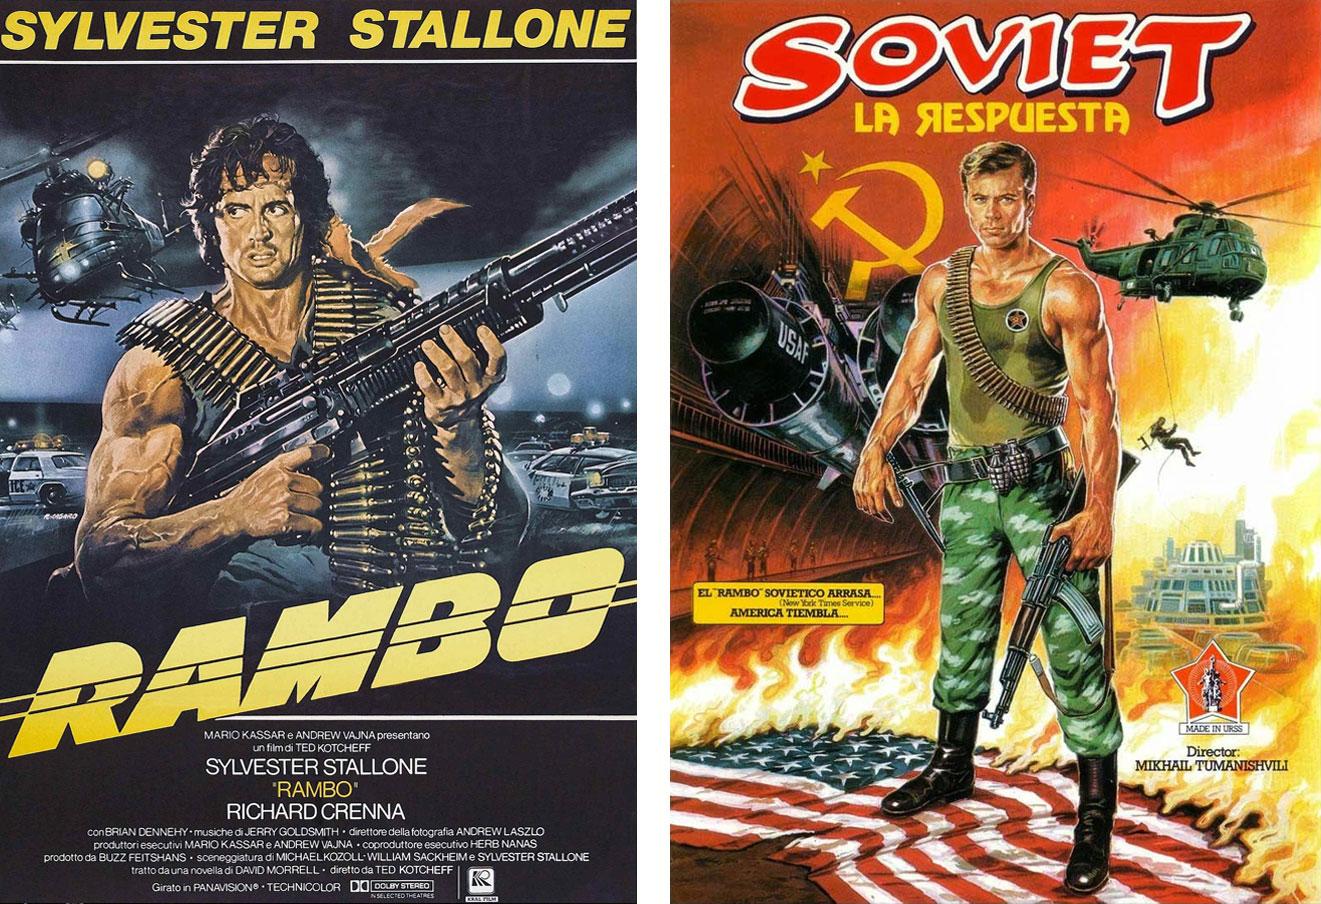 Dos años antes del estreno de la peli de Stallone que nos cuenta lo buenas personas que eran los yihadistas en Afganistan, se estrenaba 'Soviet. La respuesta', presentada como un Rambo rojo. | Imágenes: Ízaro Films y Daga Films.